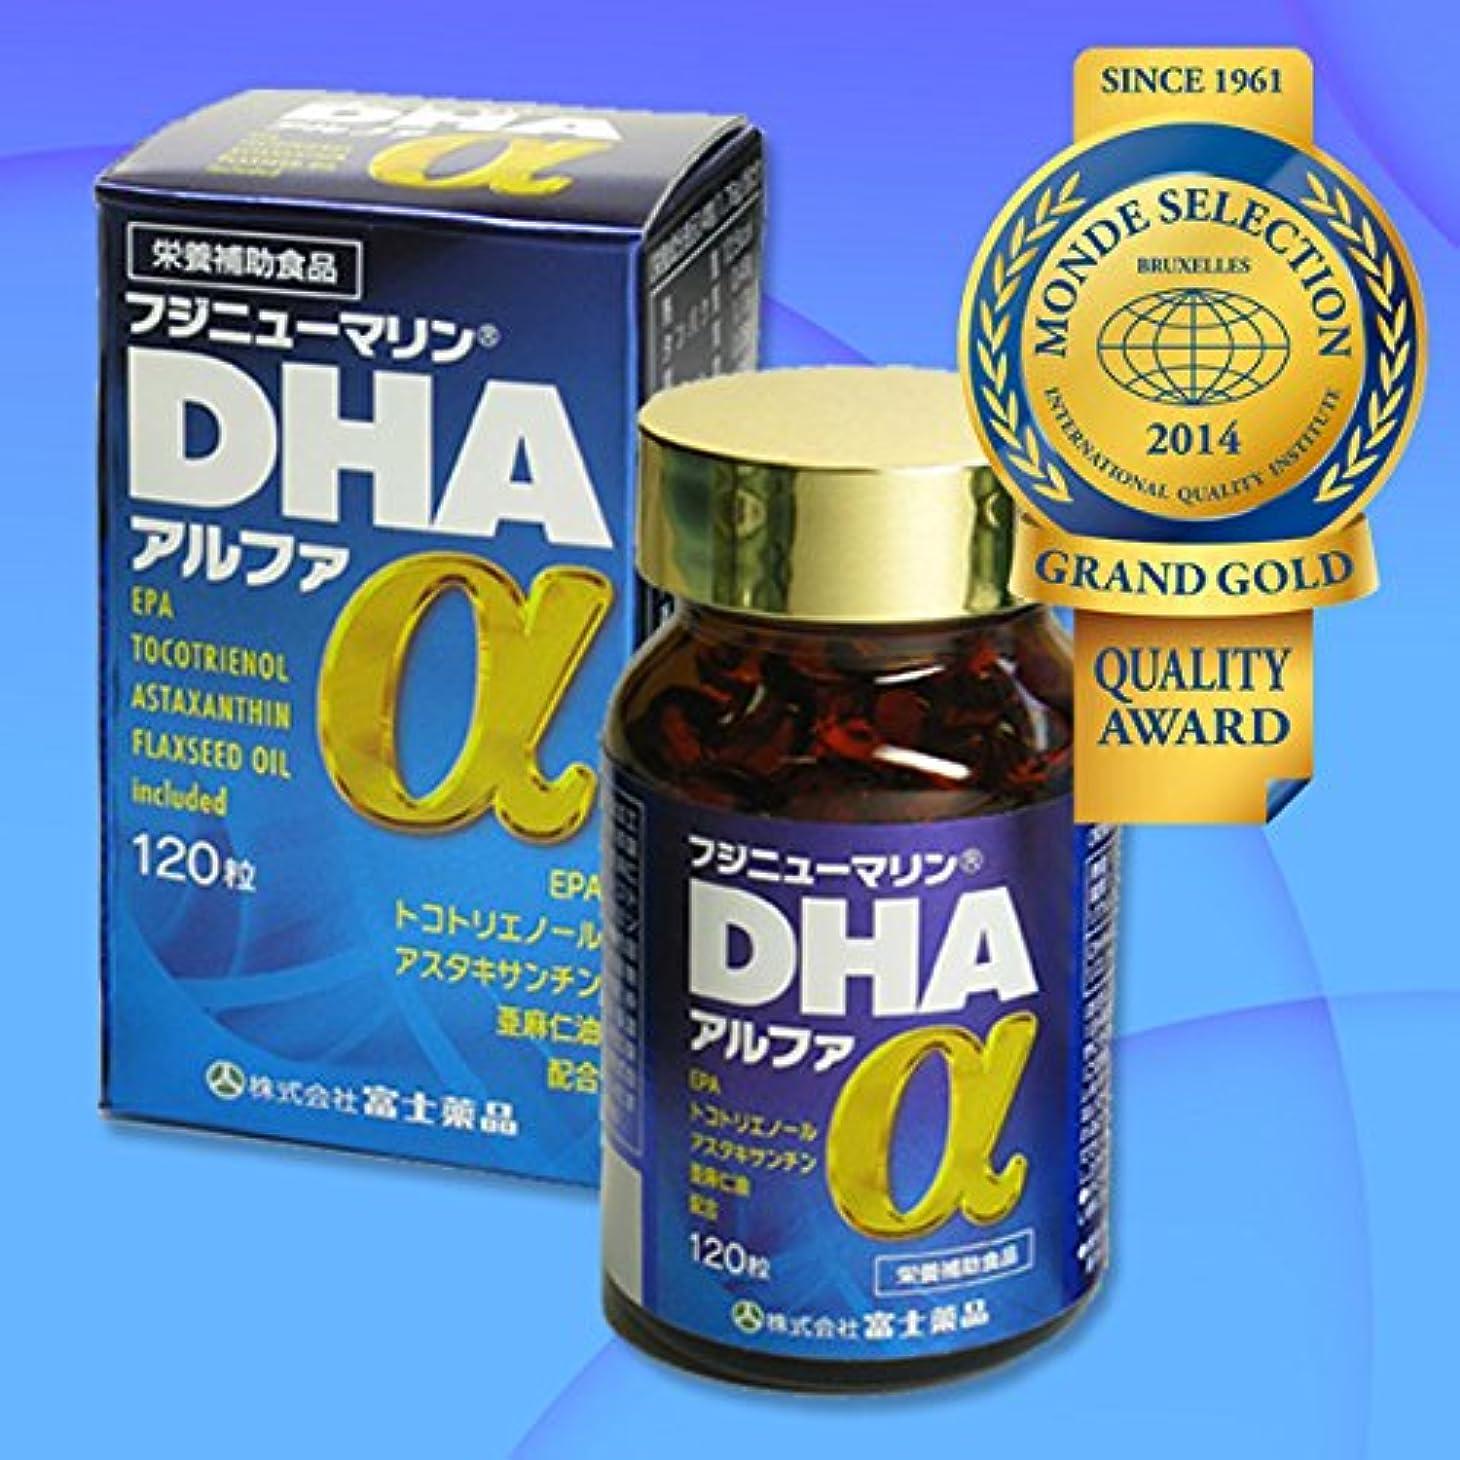 彫るベーカリー作り富士薬品 DHA&EPAフジニューマリンDHAα 120粒入り